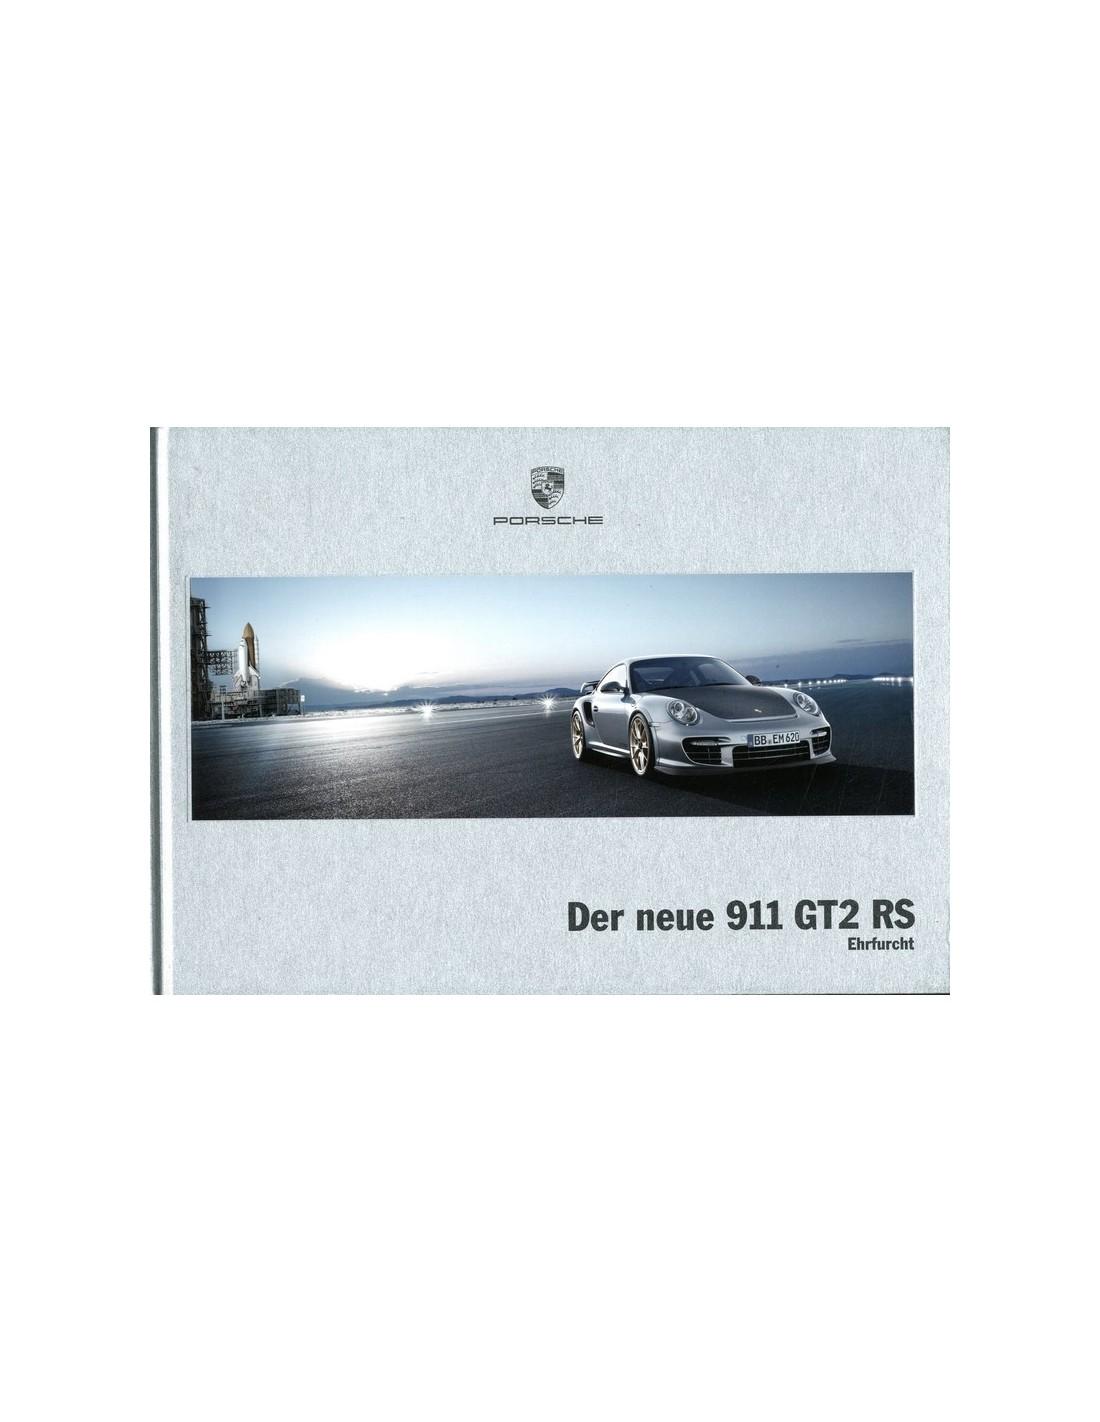 2010 porsche 911 gt2 rs hardcover brochure duits